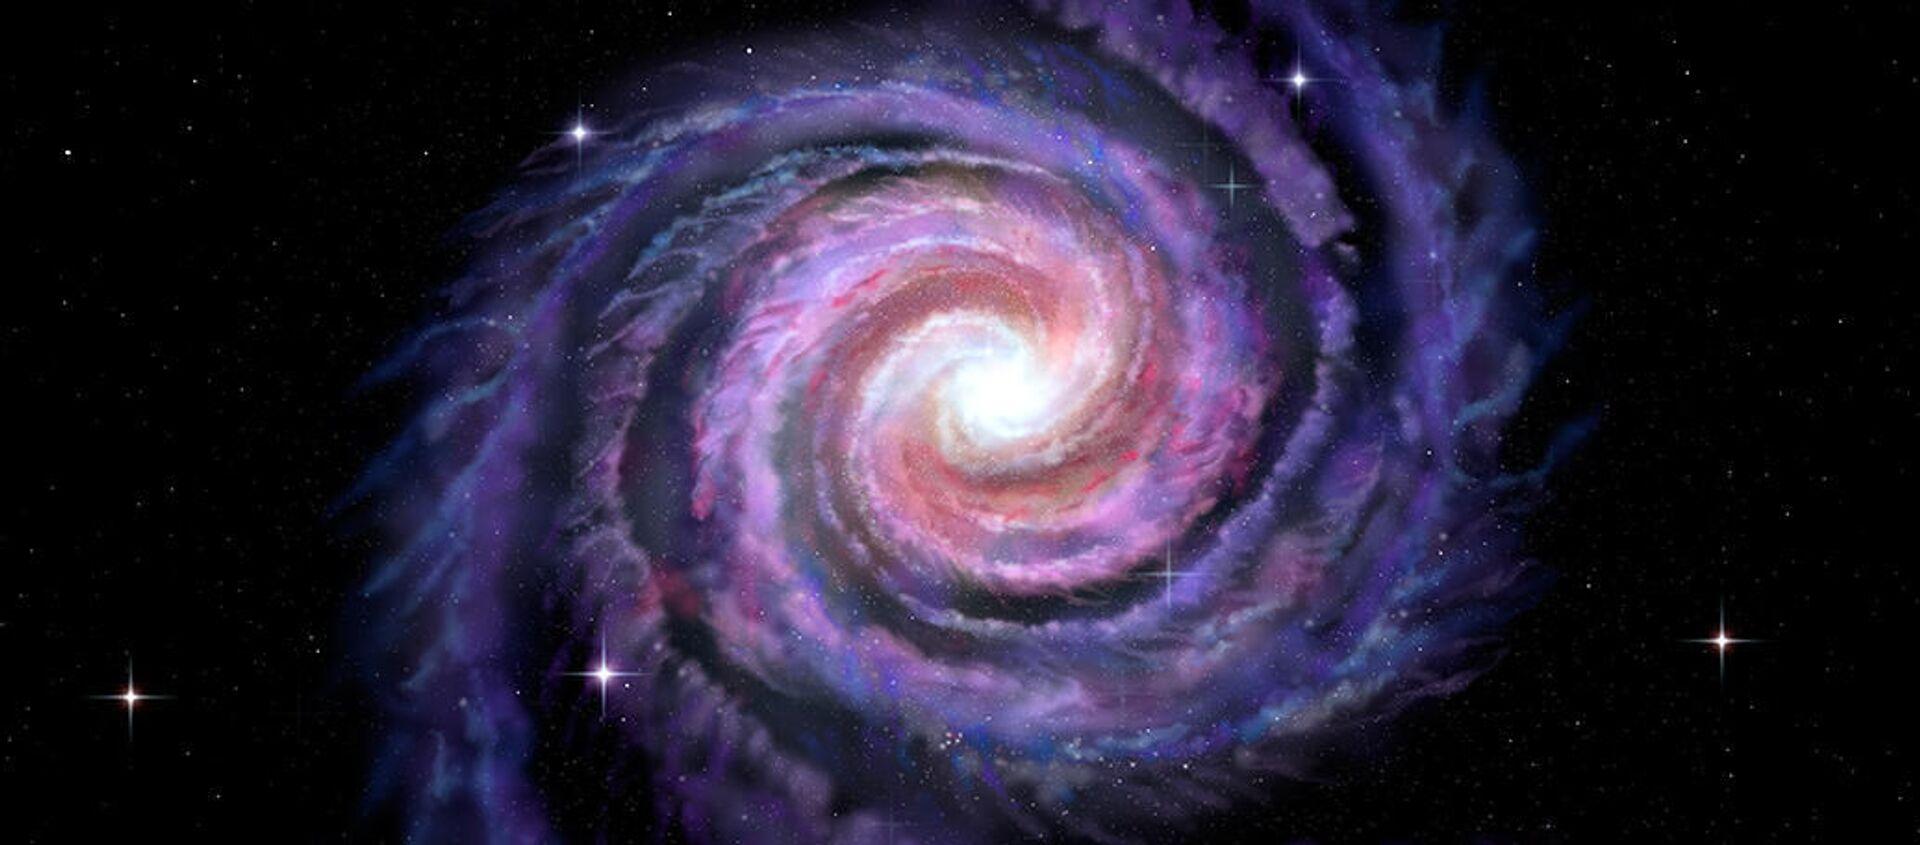 La galassia nostra - Via Lattea - Sputnik Italia, 1920, 10.11.2020